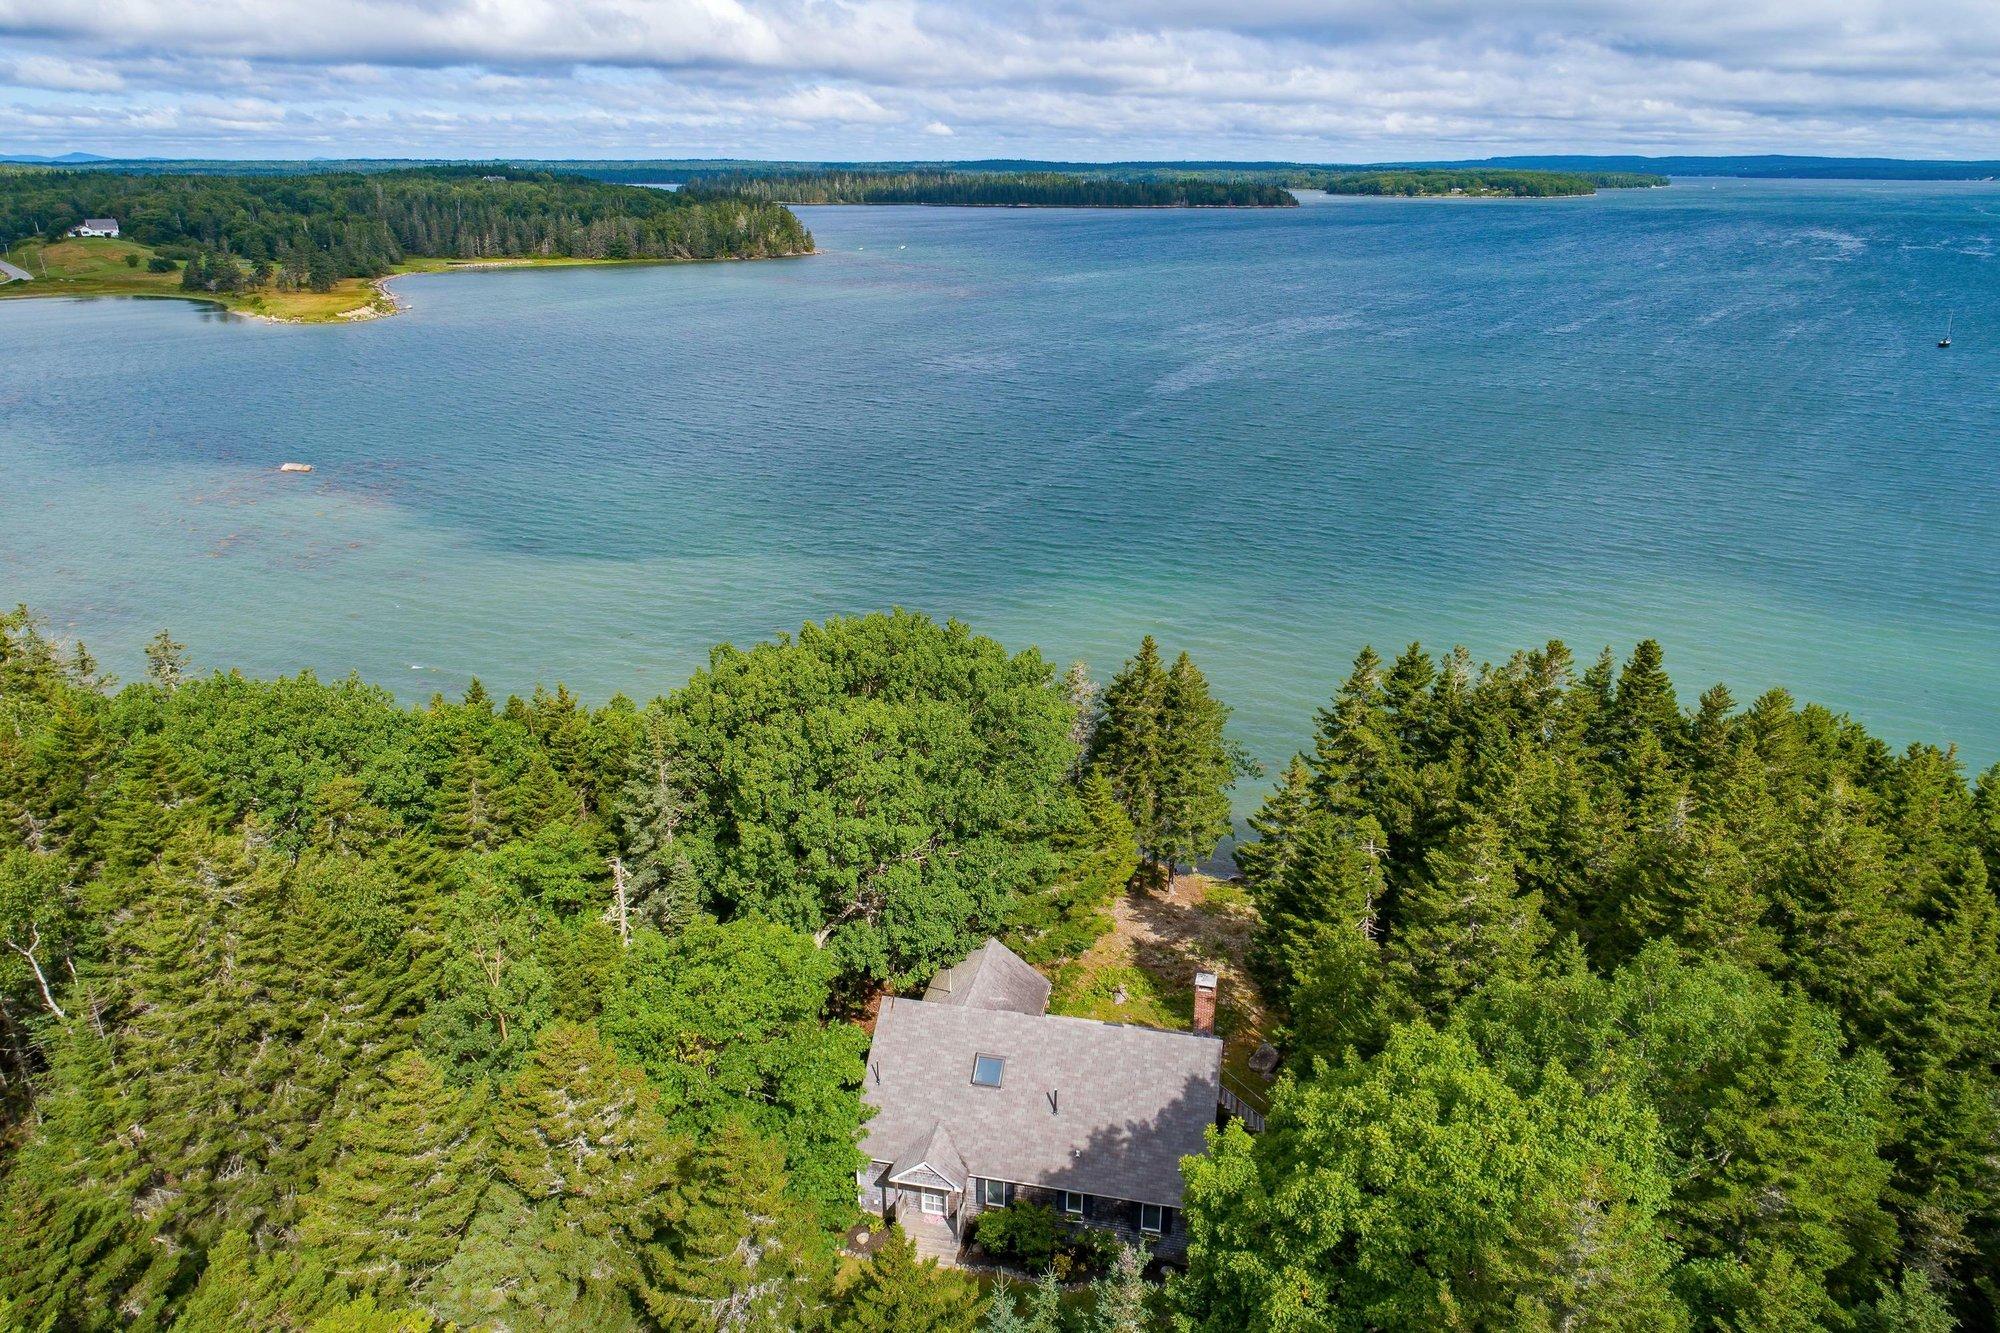 Maison à Deer Isle, Maine, États-Unis 1 - 11548985